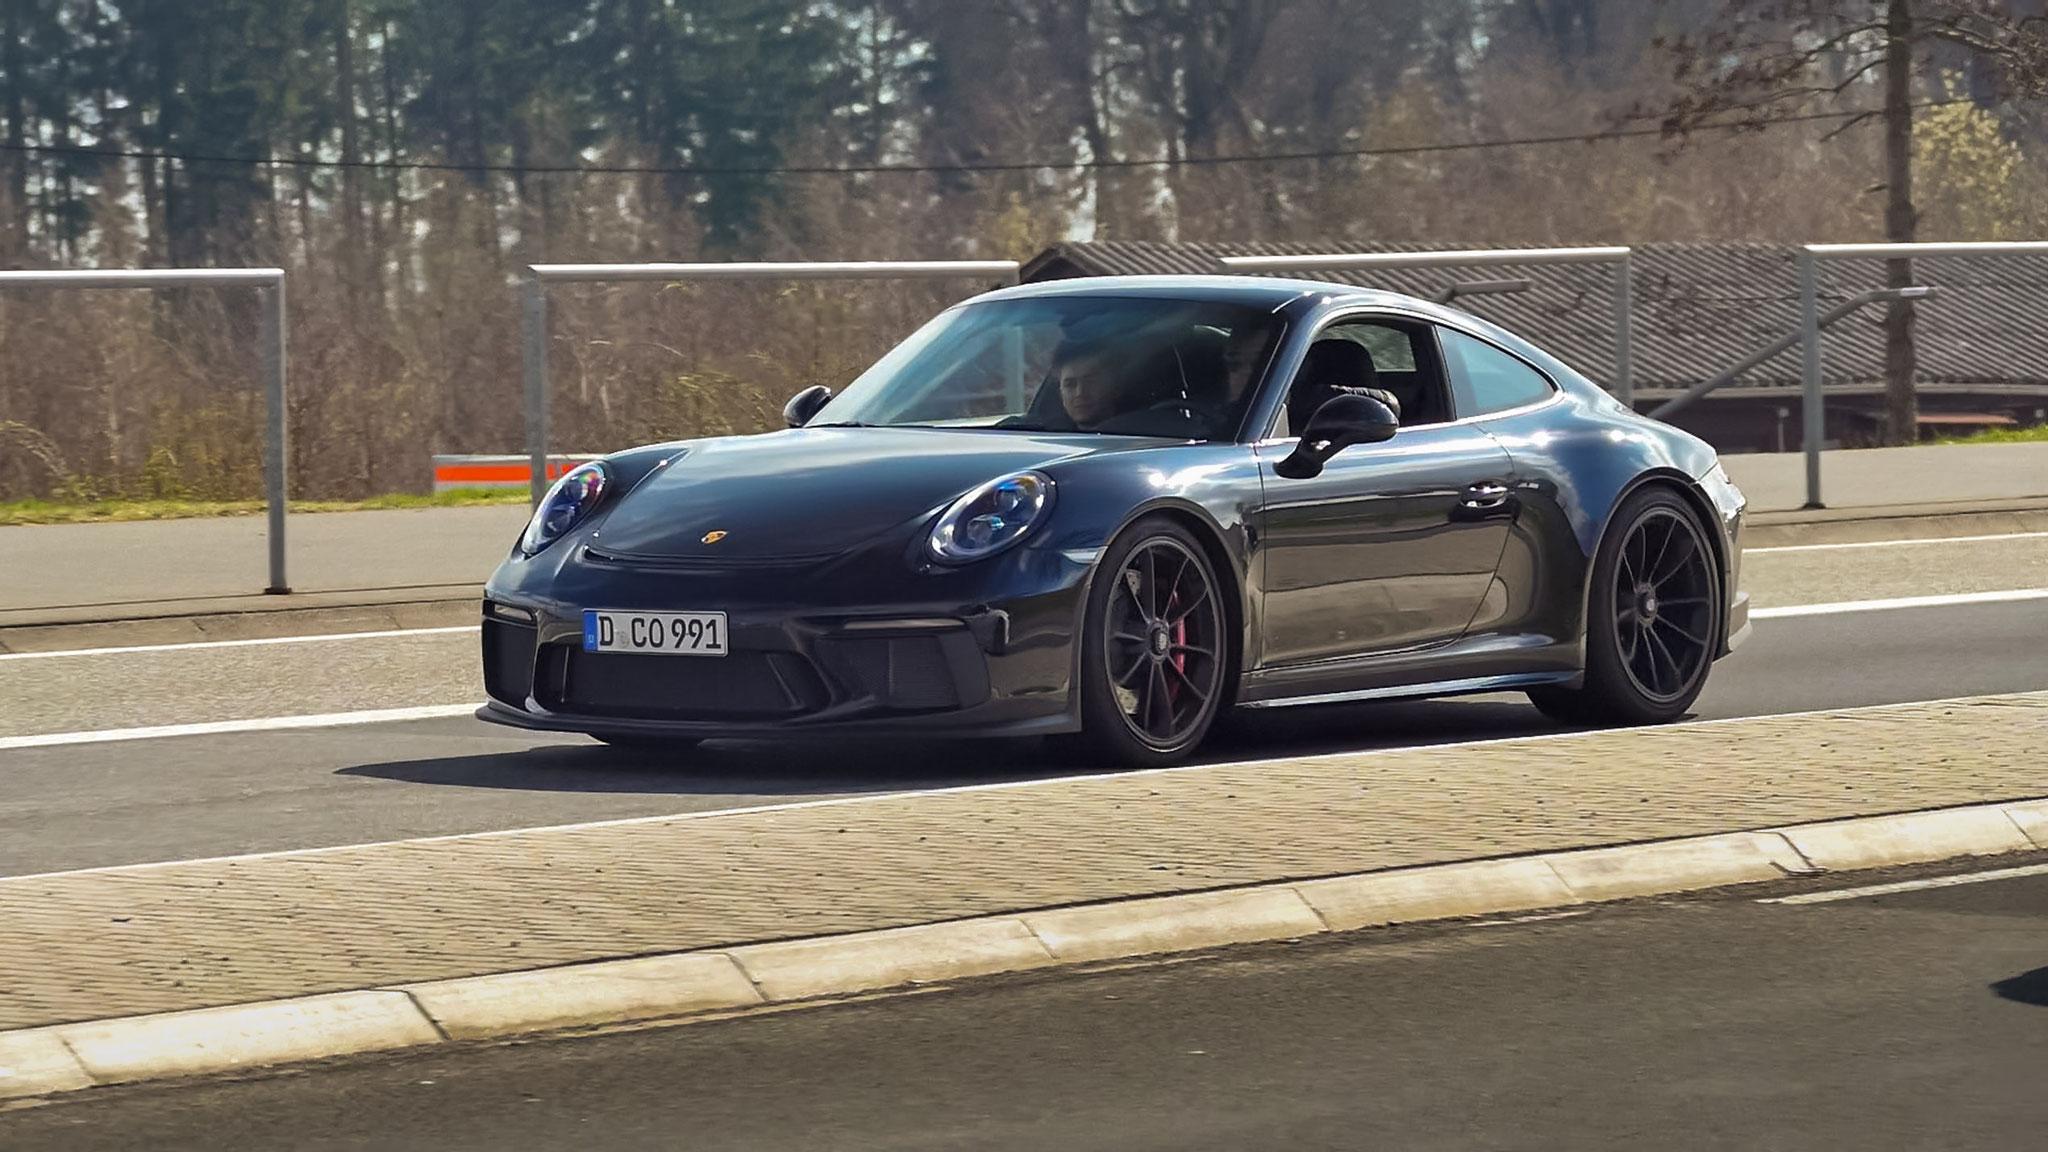 Porsche 991 GT3 Touring Package - D-CO-991